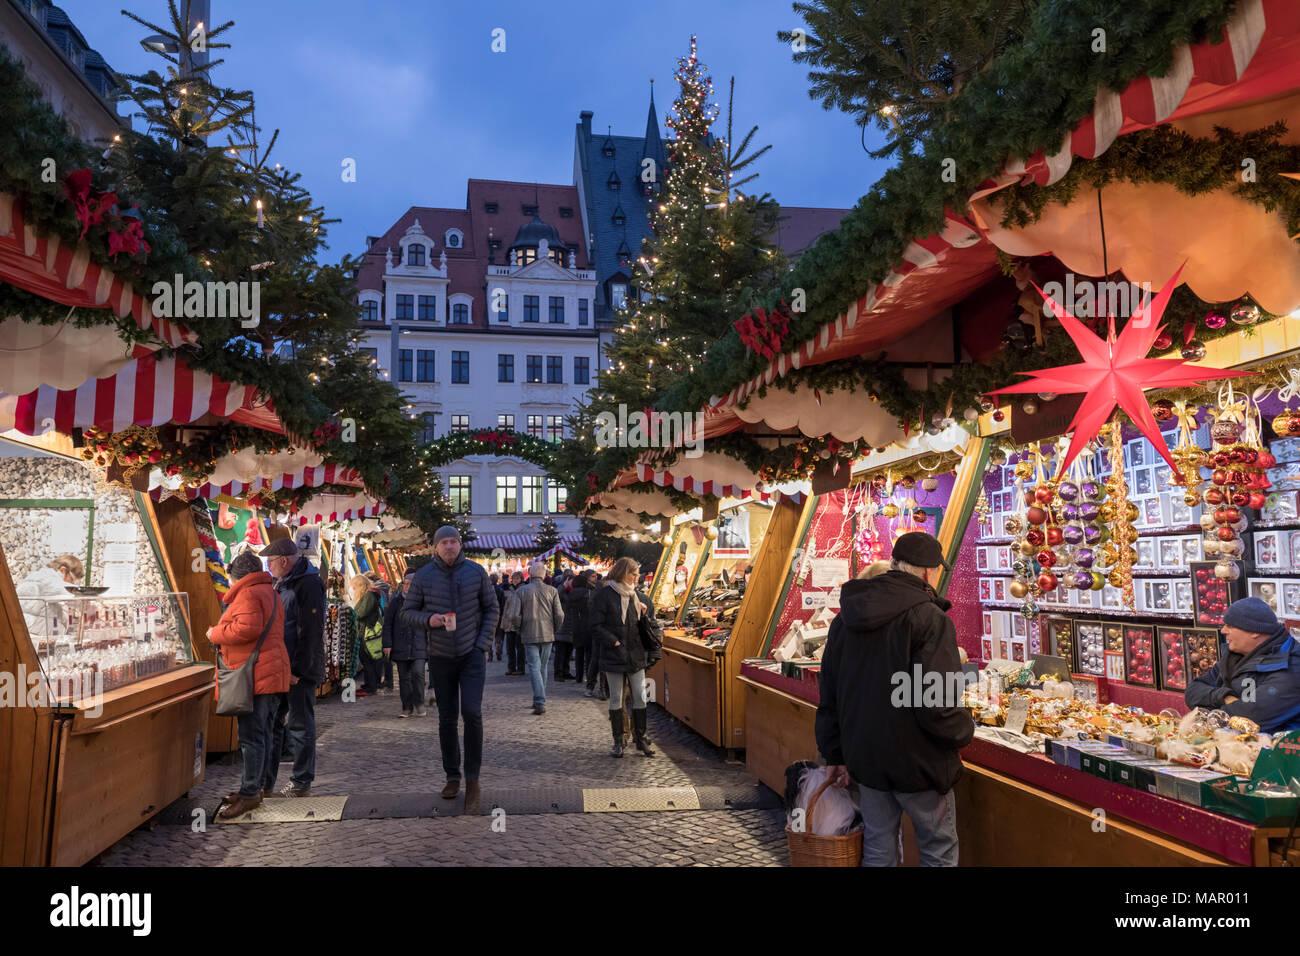 Christmas market in the Leipzig Market Place, Marktplatz, Leipzig, Saxony, Germany, Europe - Stock Image